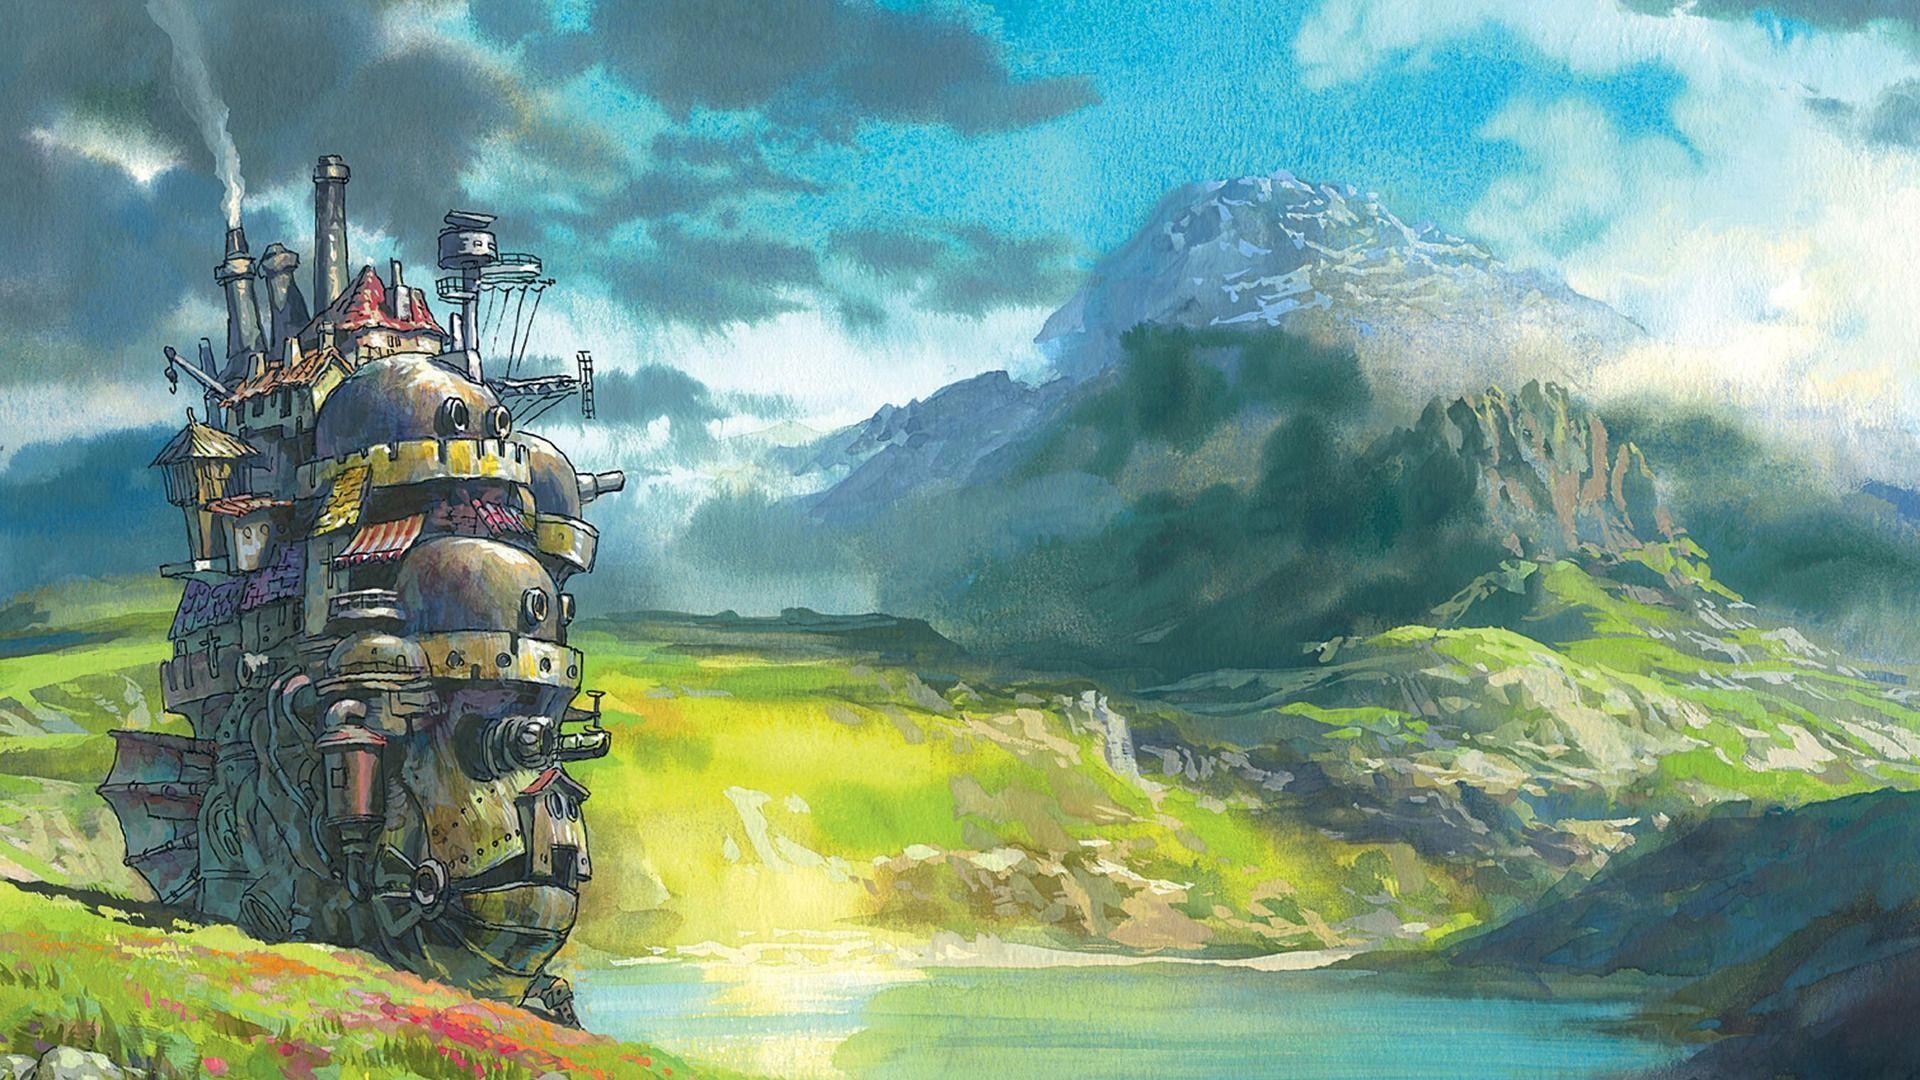 Studio Ghibli Wallpaper Pictures – The Magic Comes Alive!